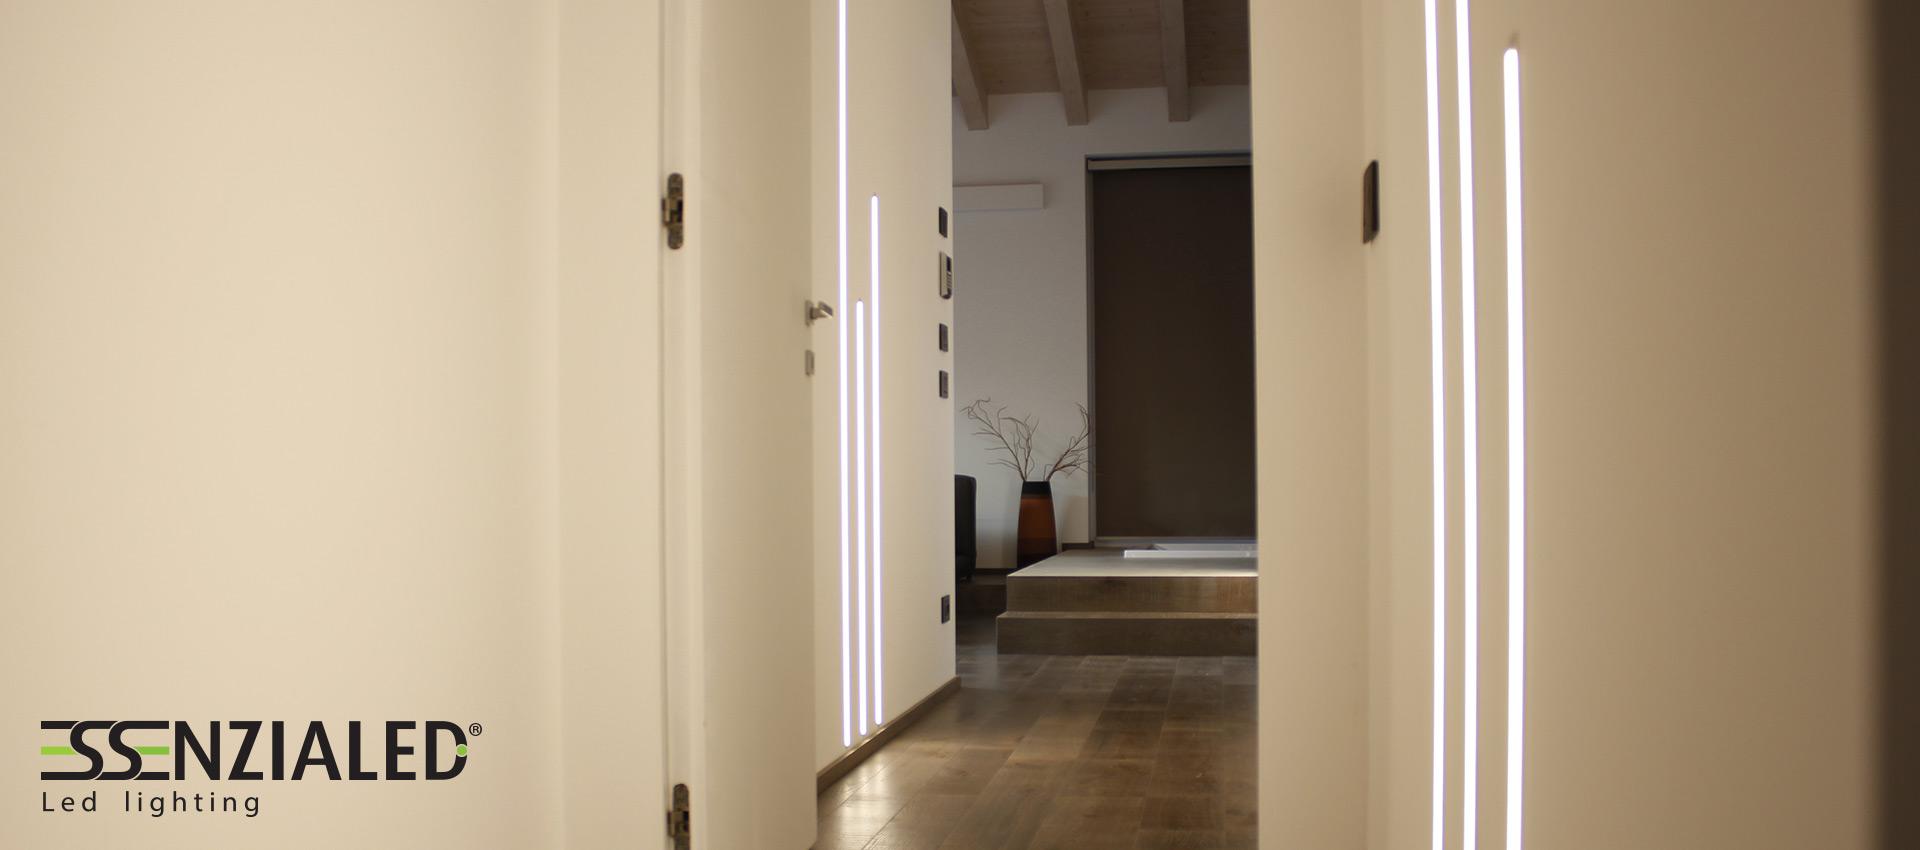 In lampade da incasso per mobili - Mobili per elettrodomestici da incasso ...